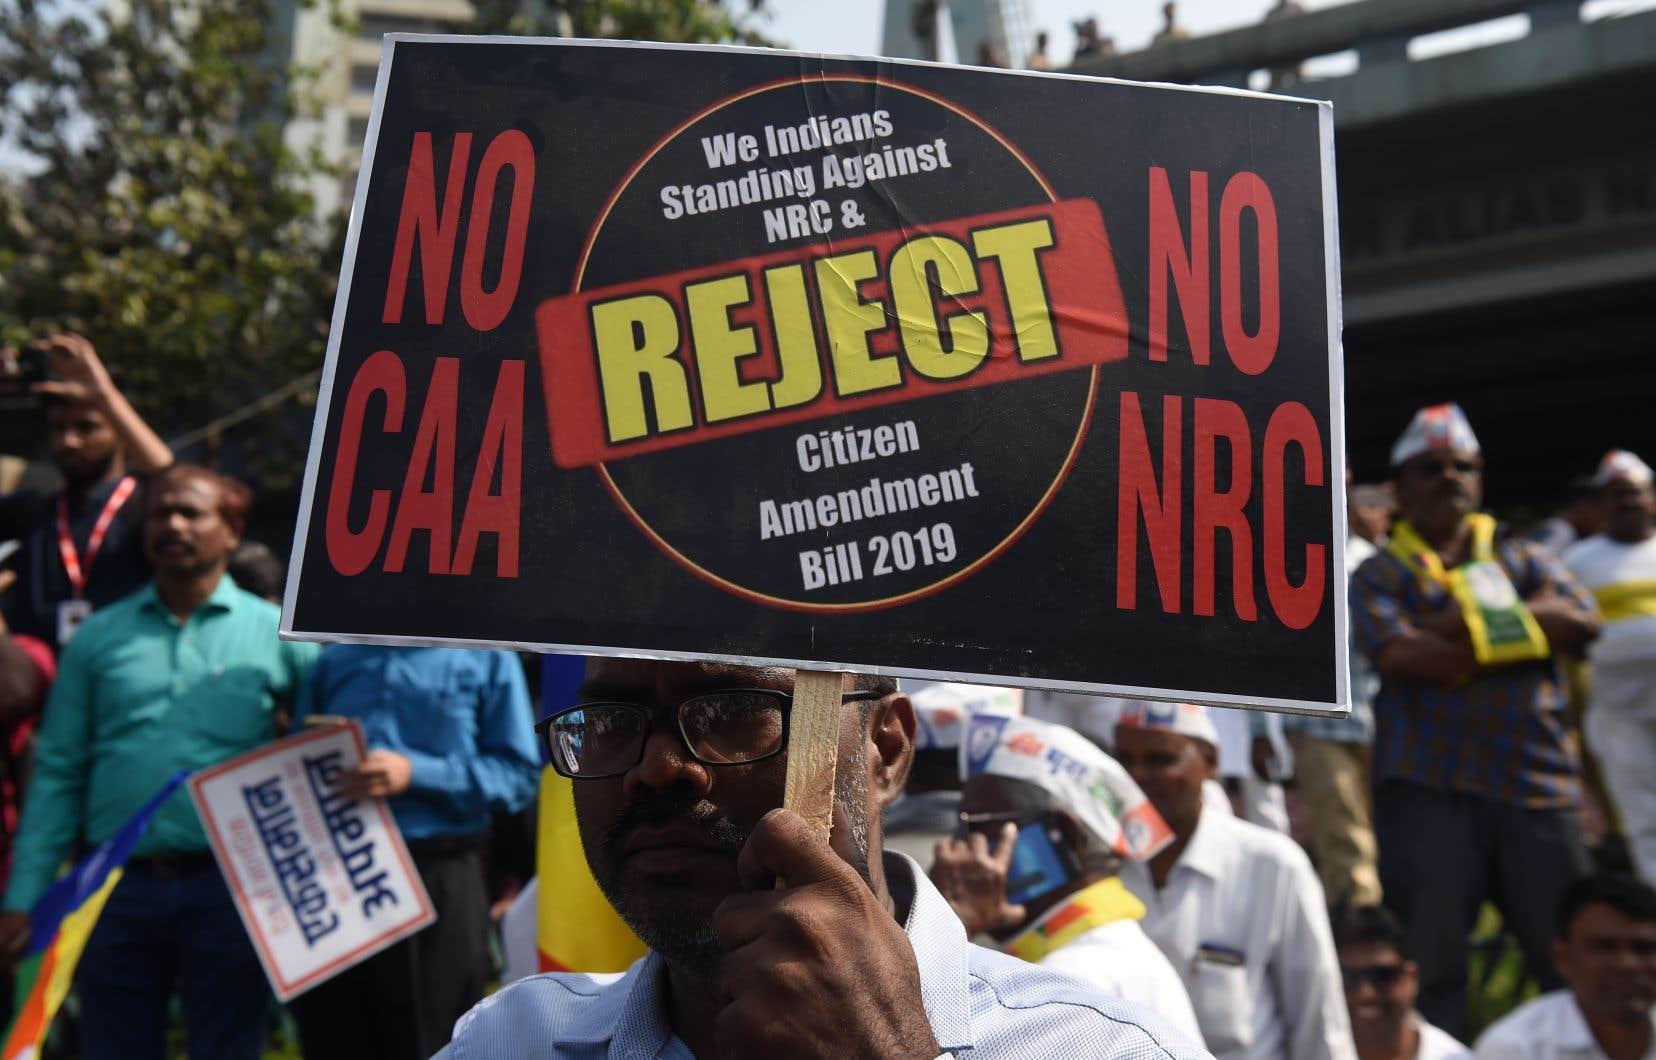 Quelque 2500 personnes ont manifesté dans la capitale économique de l'Inde, Mumbai, brandissant des pancartes avec des slogans hostiles à la loi.